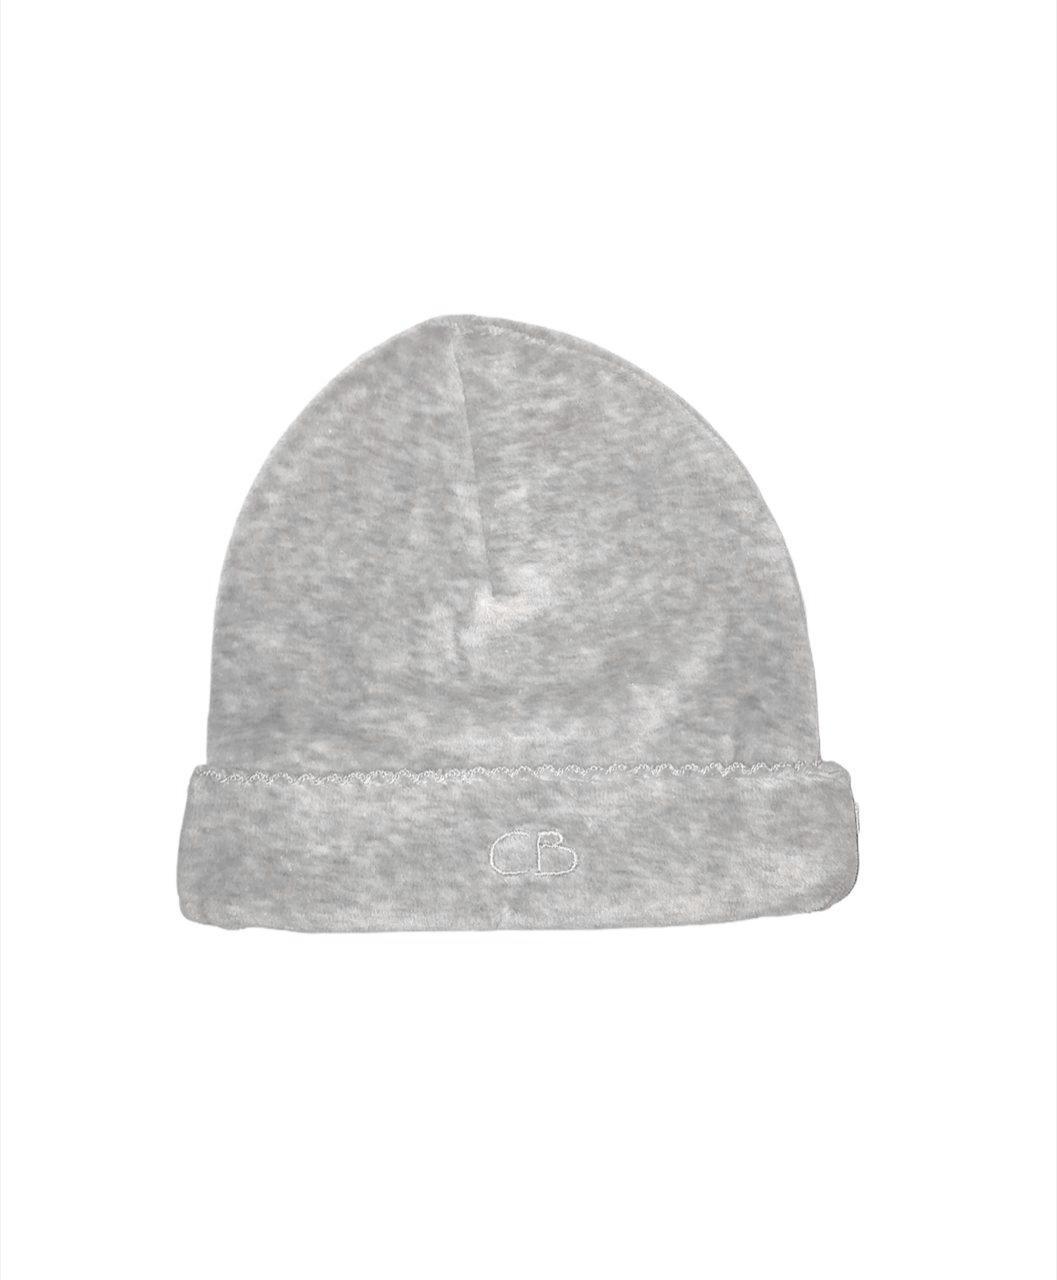 Gorro basico plush gris